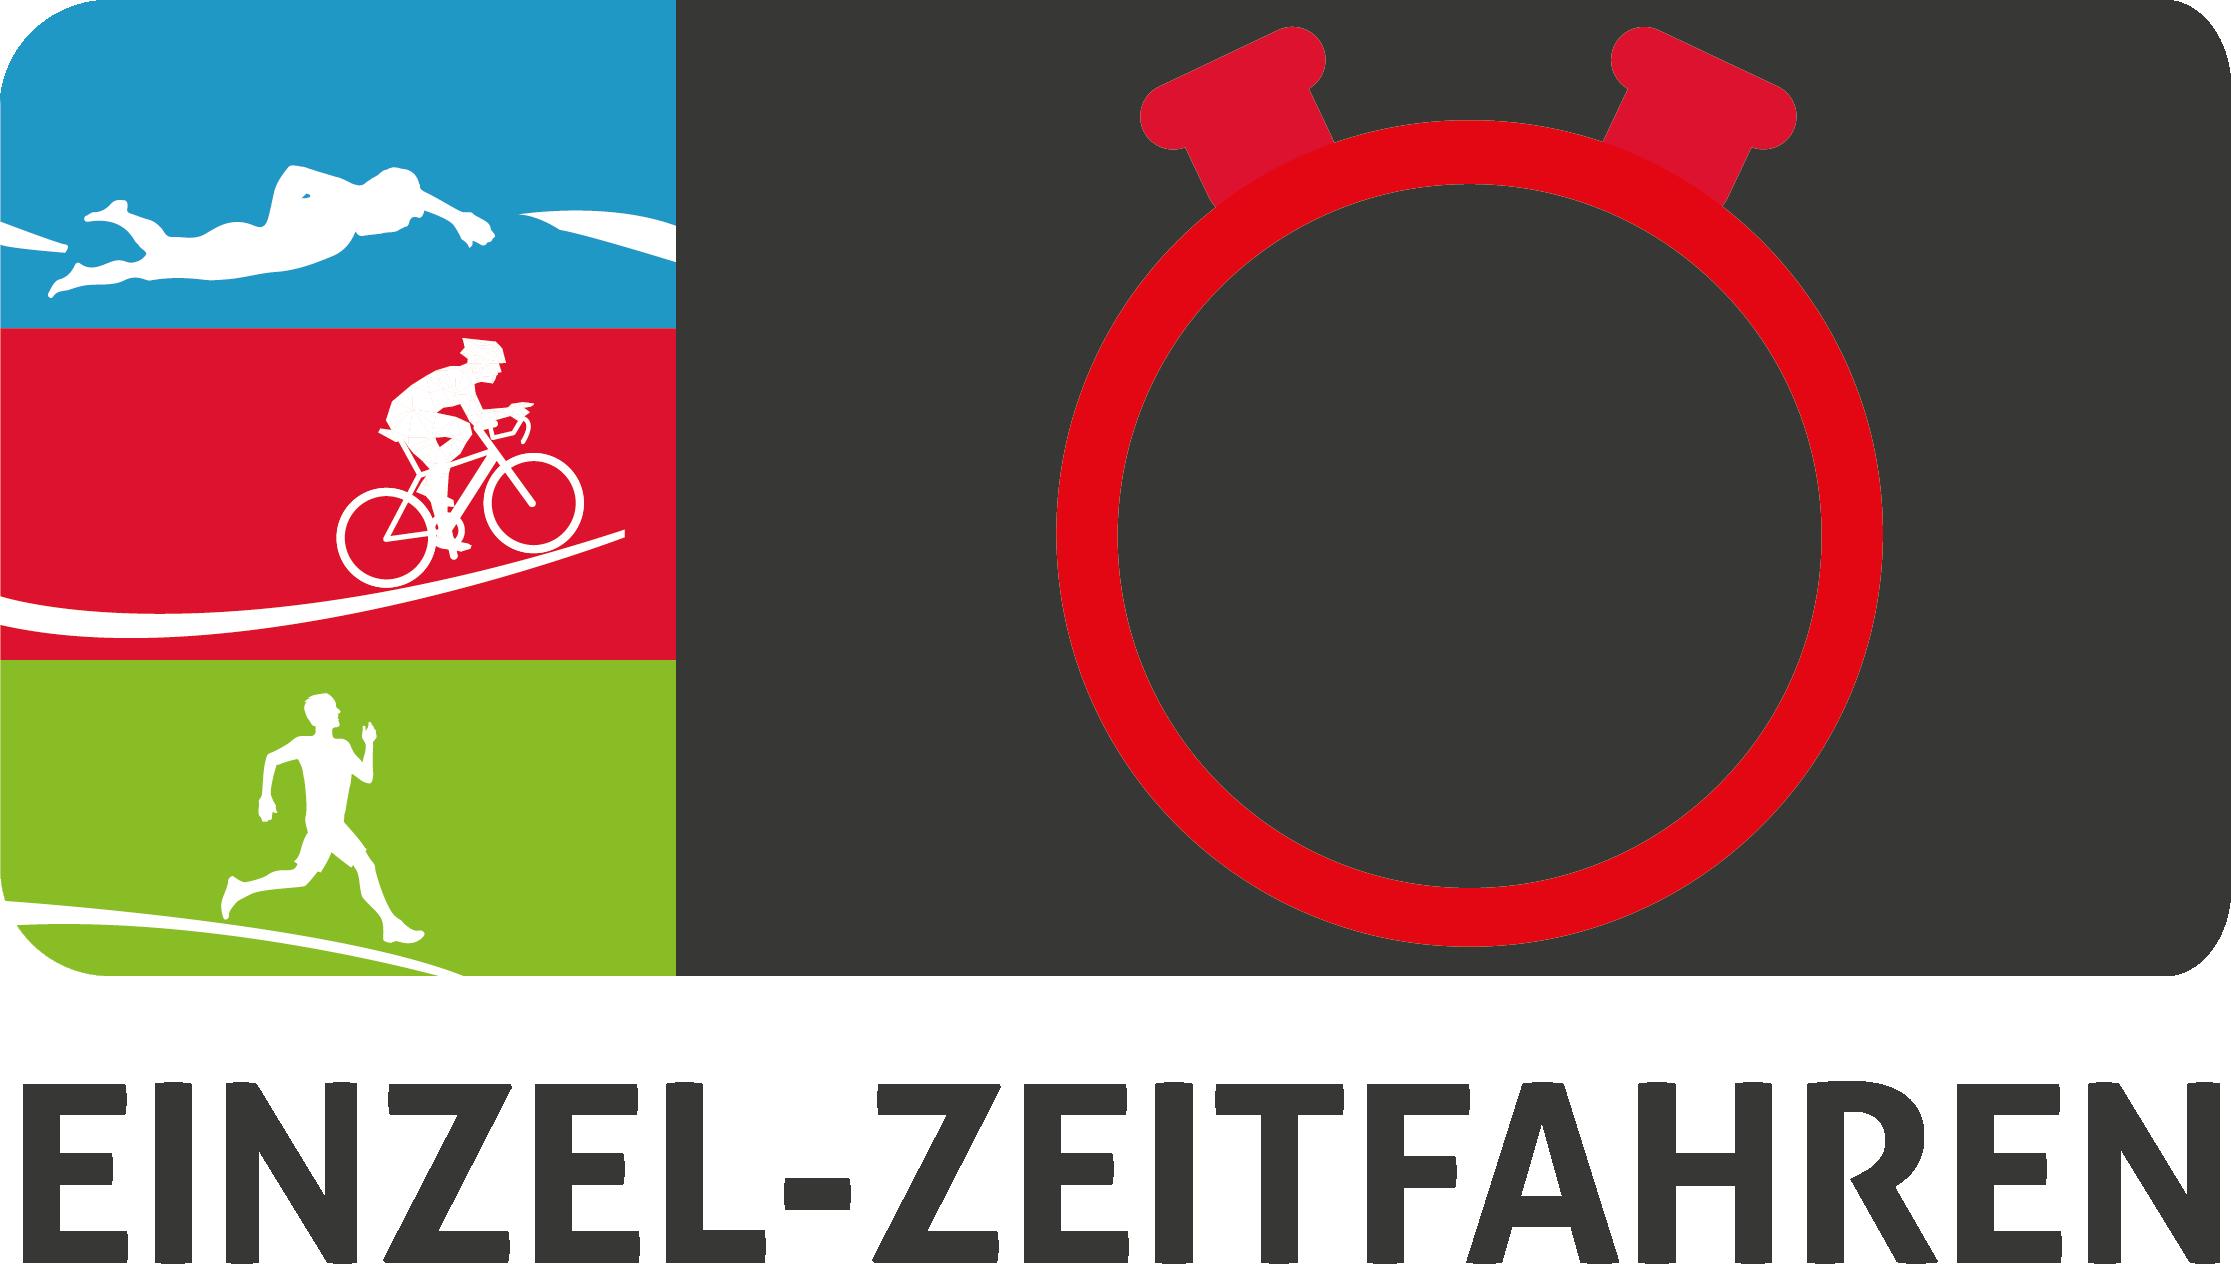 TFR Einzelzeitfahren 2019